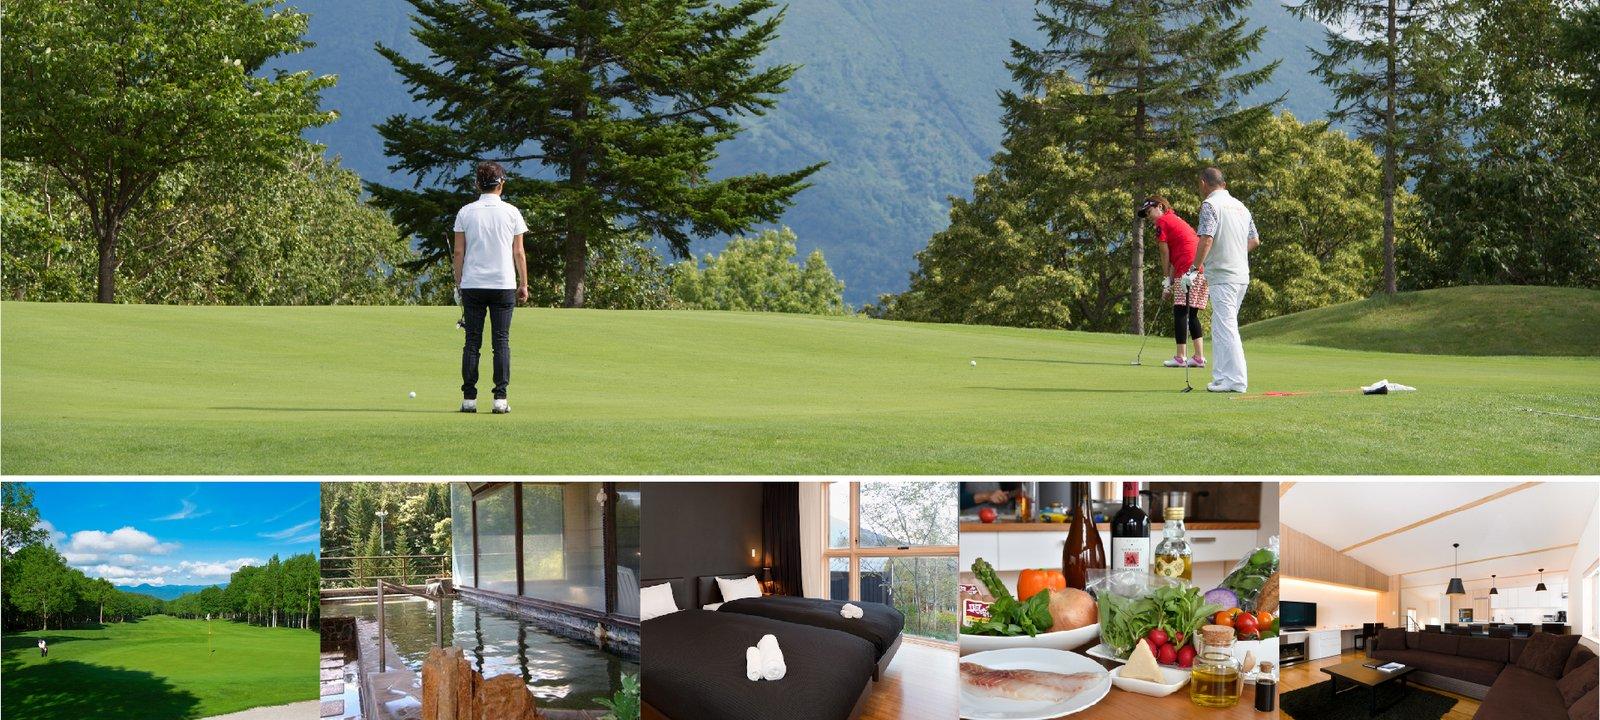 ゴルフ+コンドミニアムの過ごし方